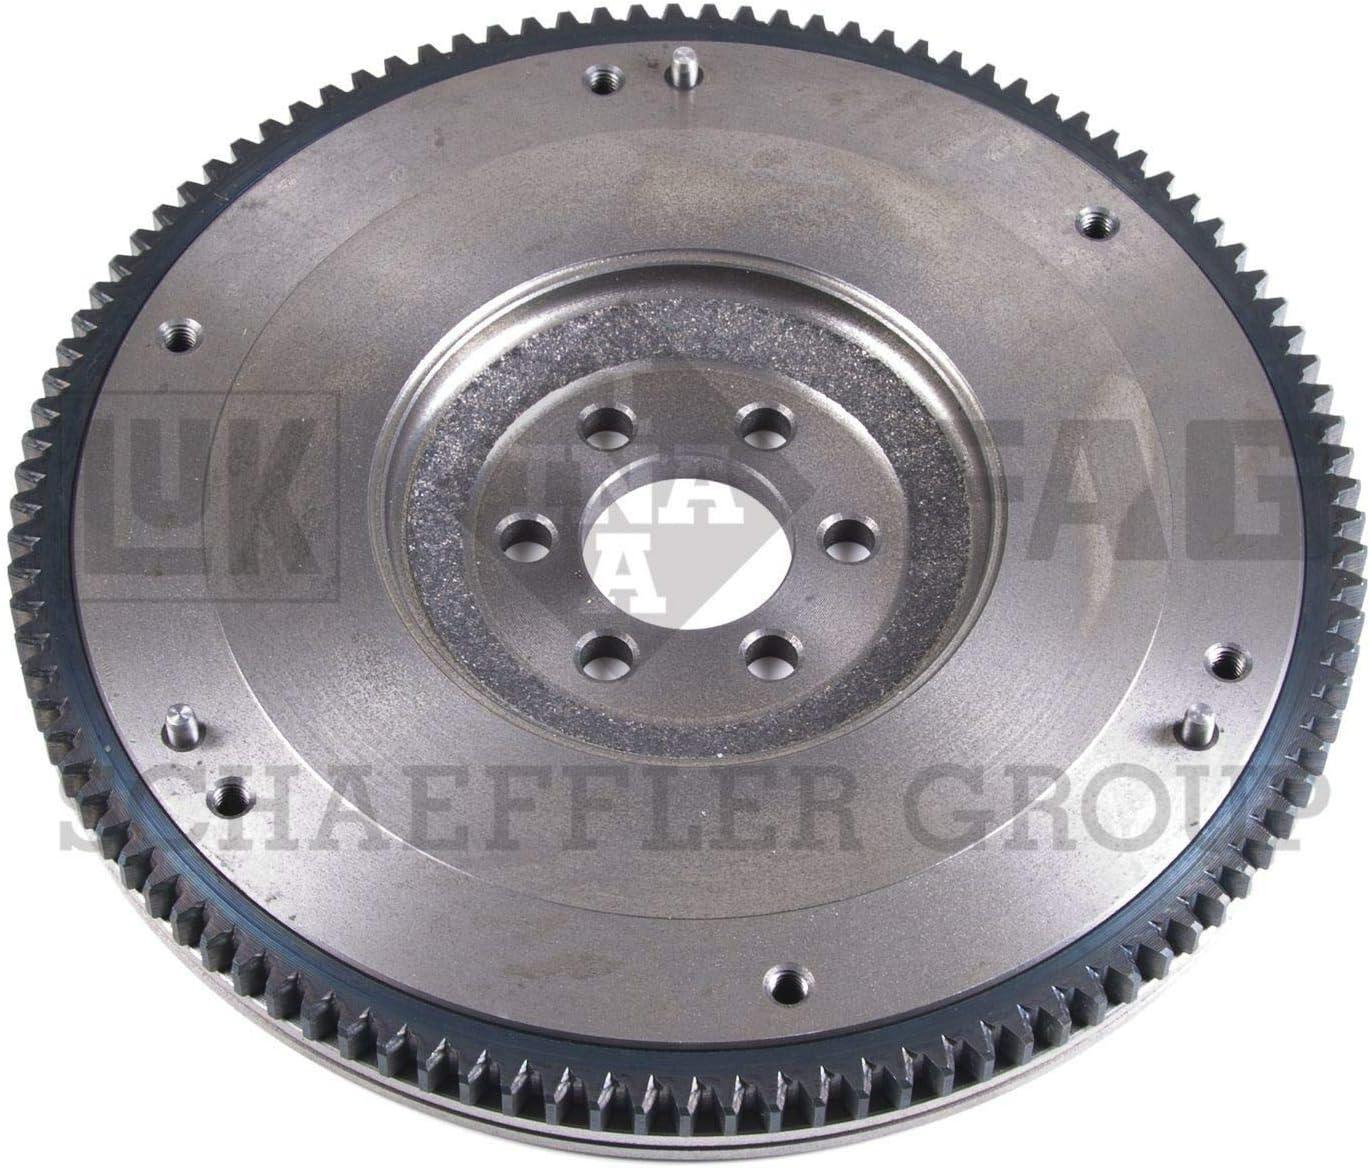 LuK LFW240 Flywheel